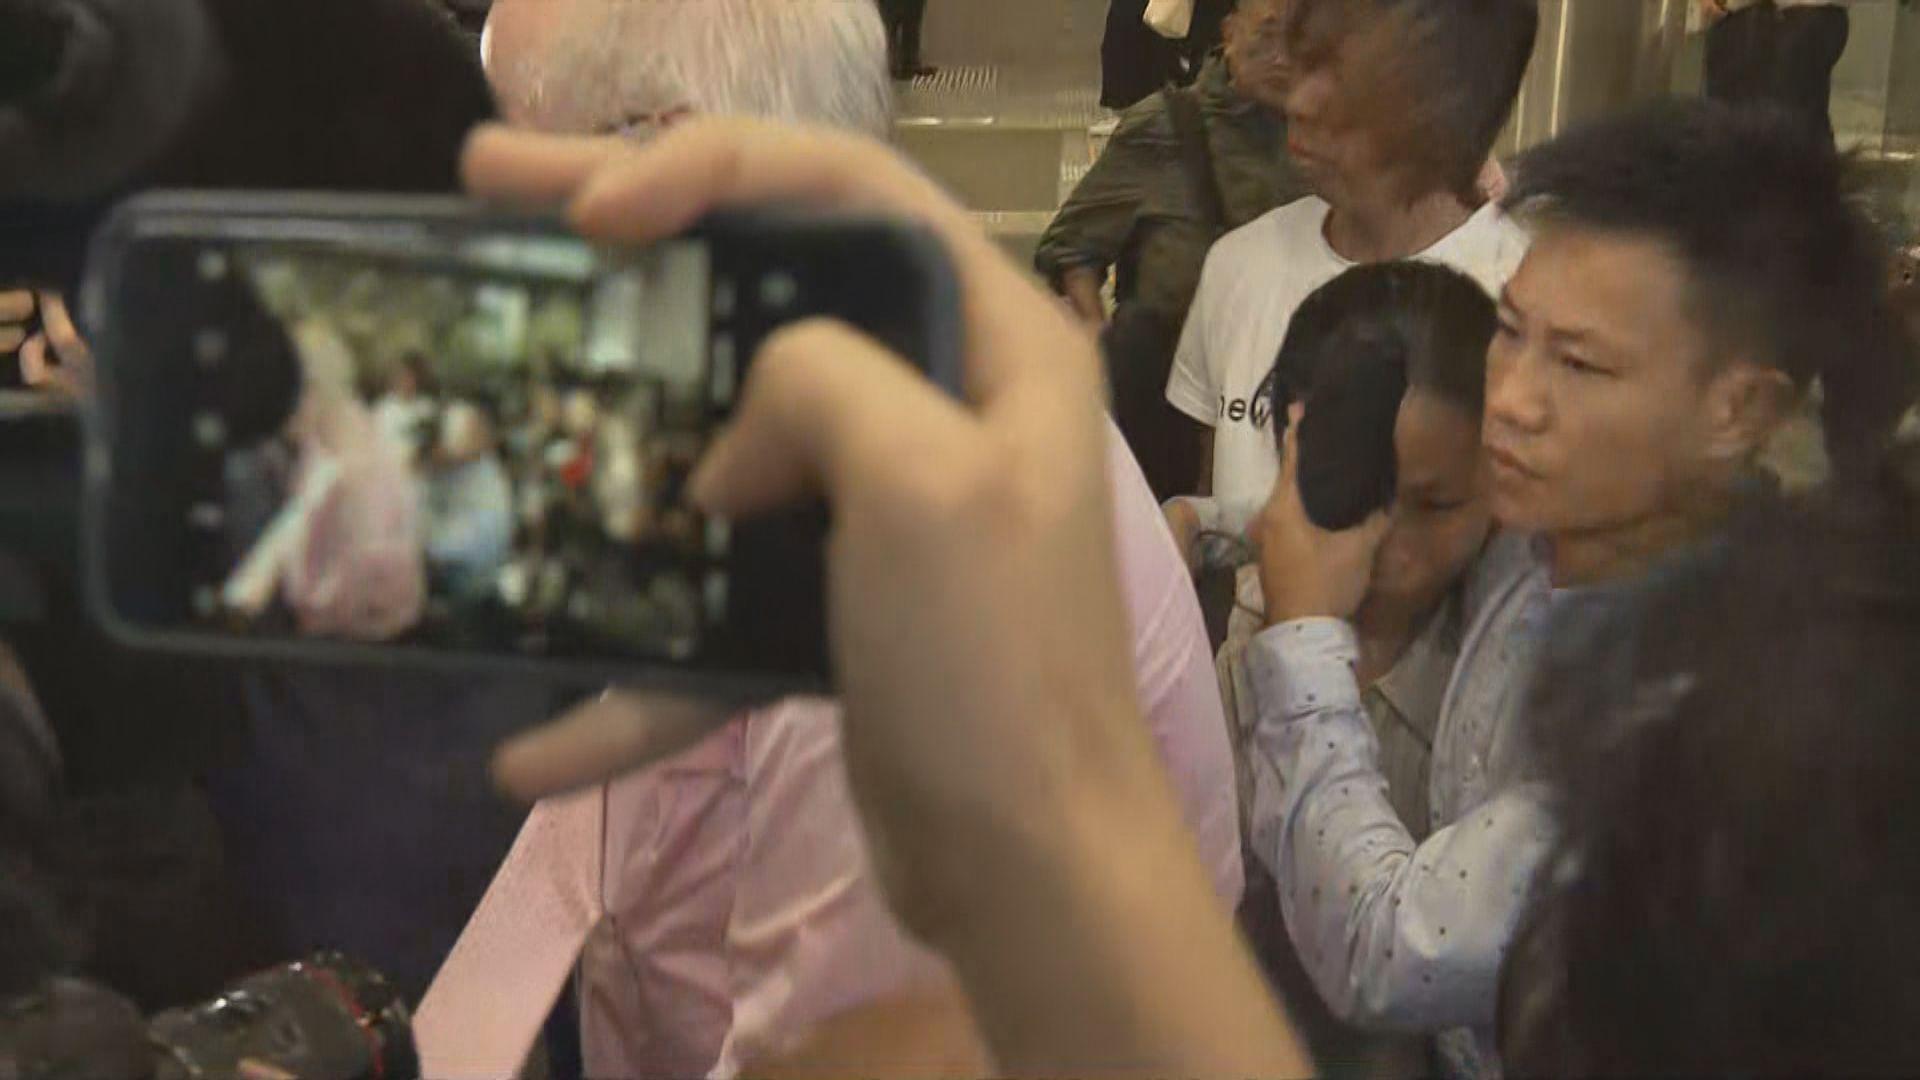 周日上環衝突暴動案 部分人准以一千元保釋